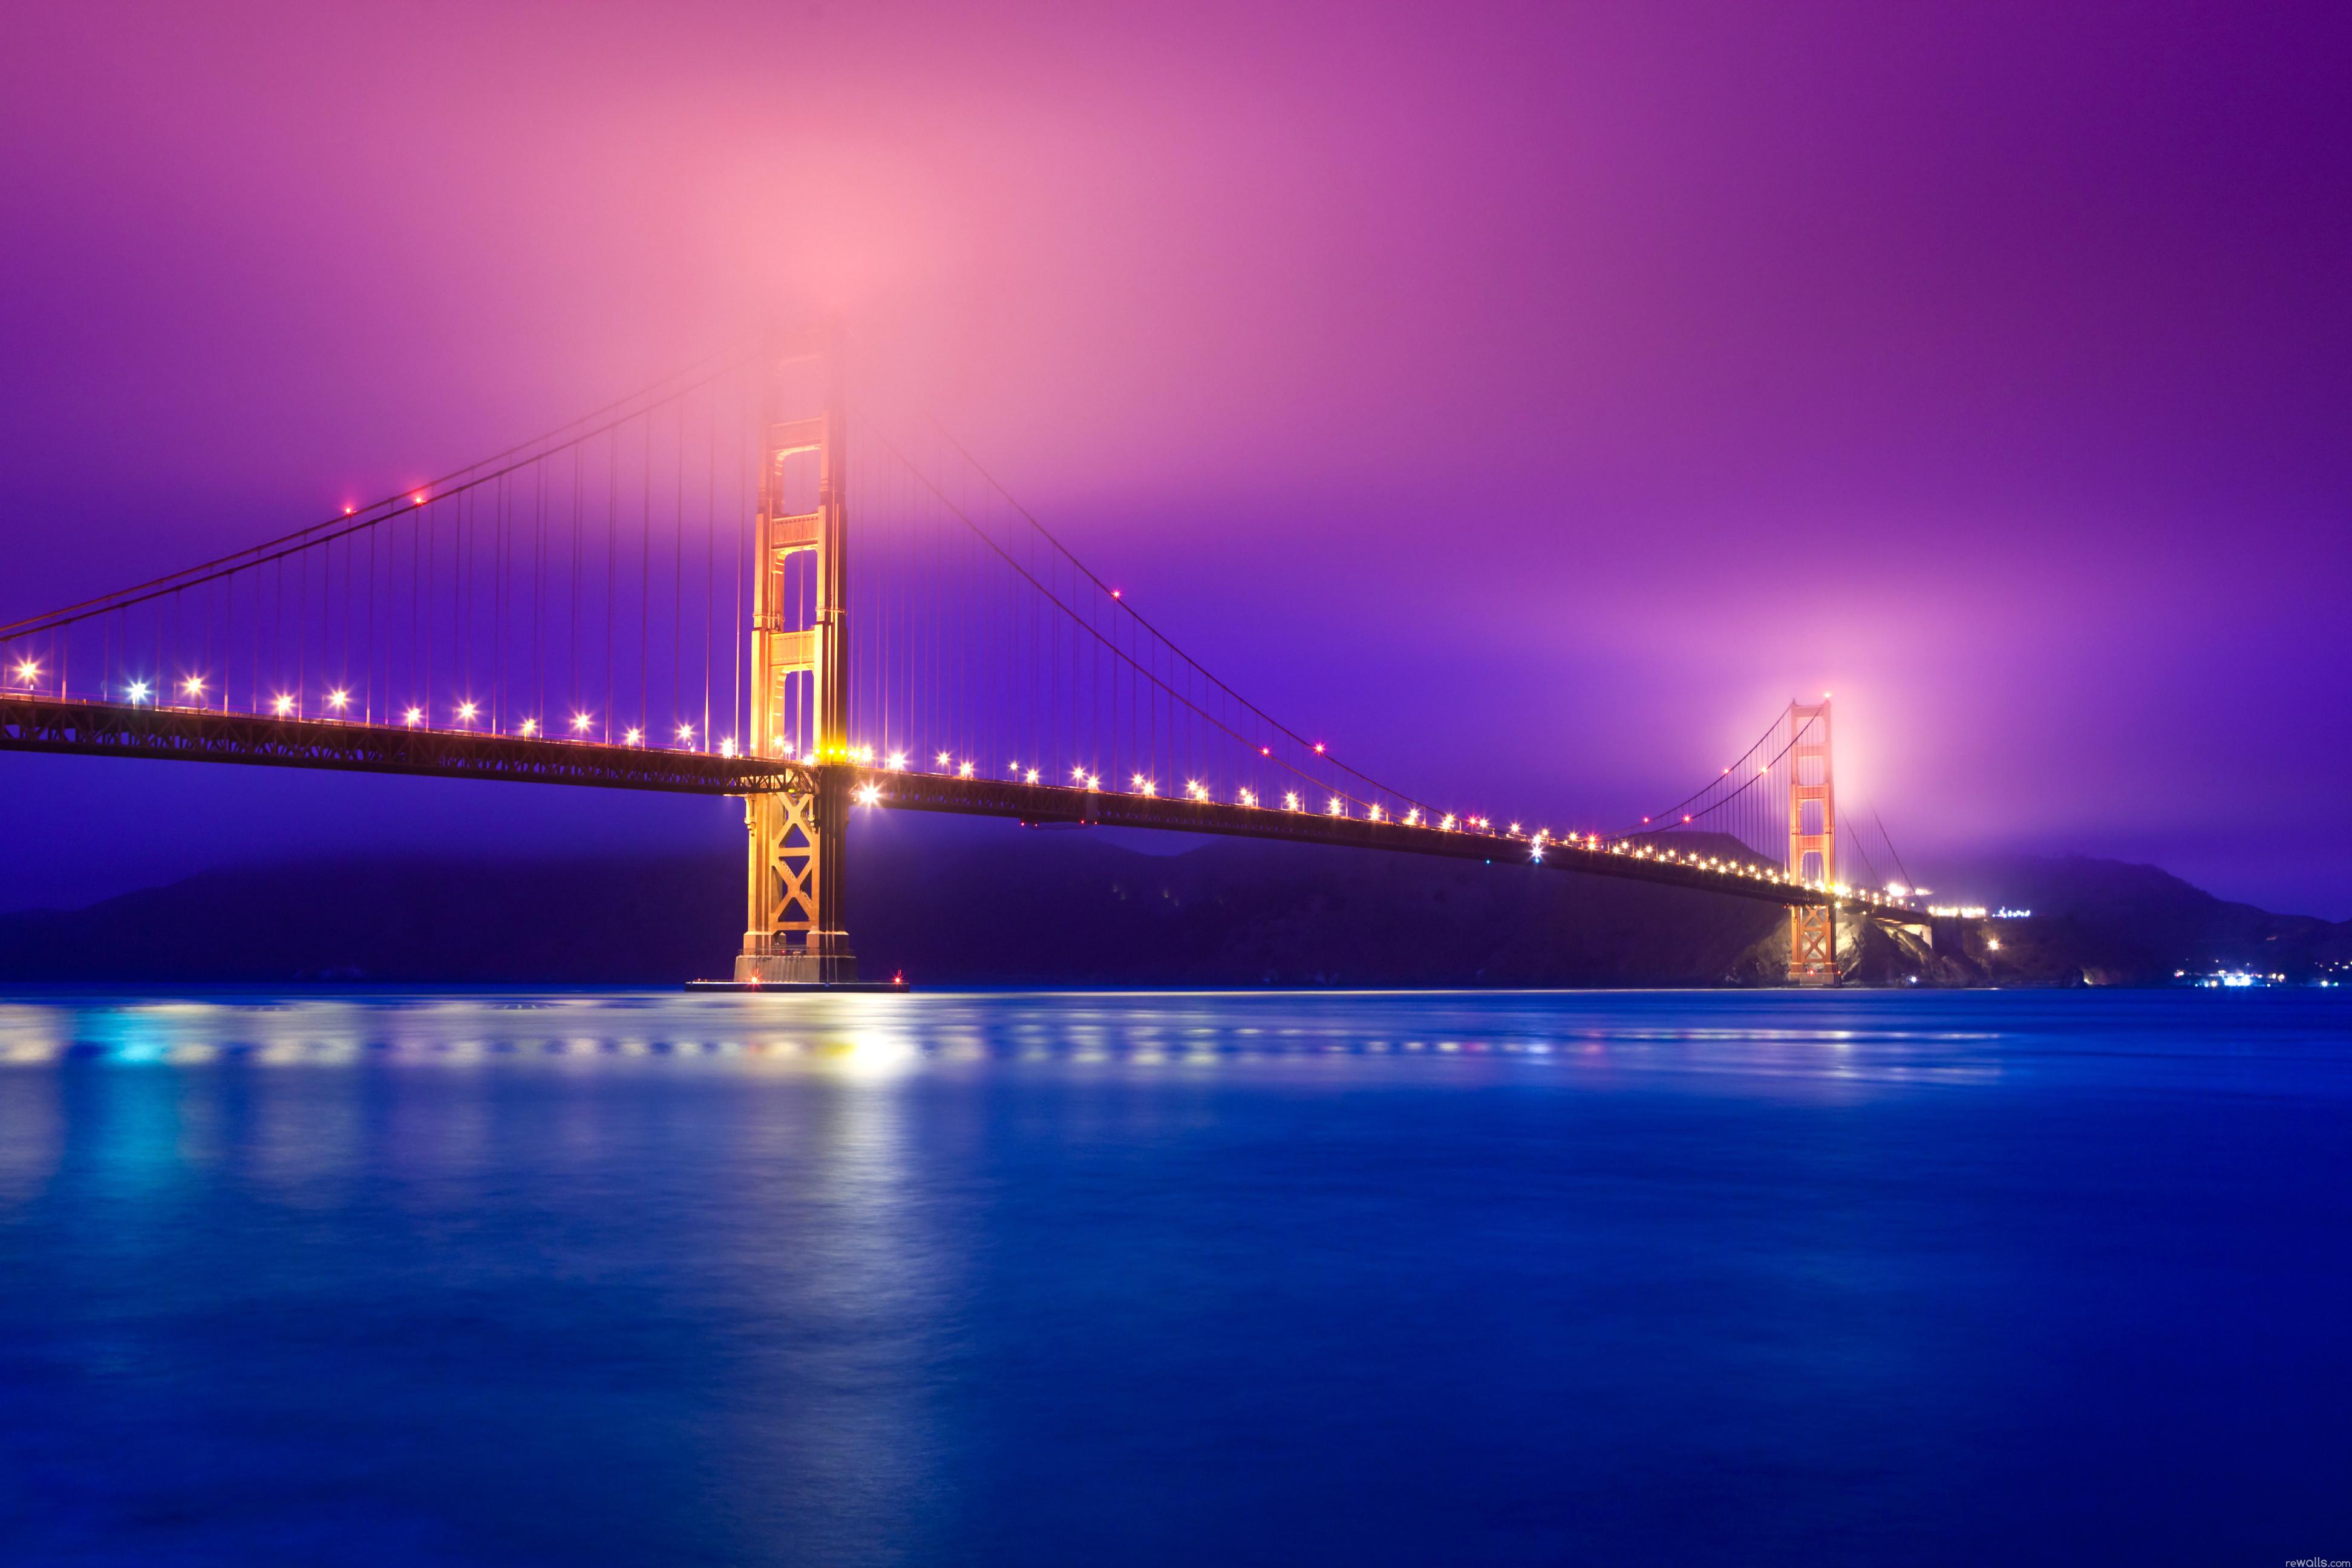 мост_золотые_ворота_ночью_калифорния_сша.1